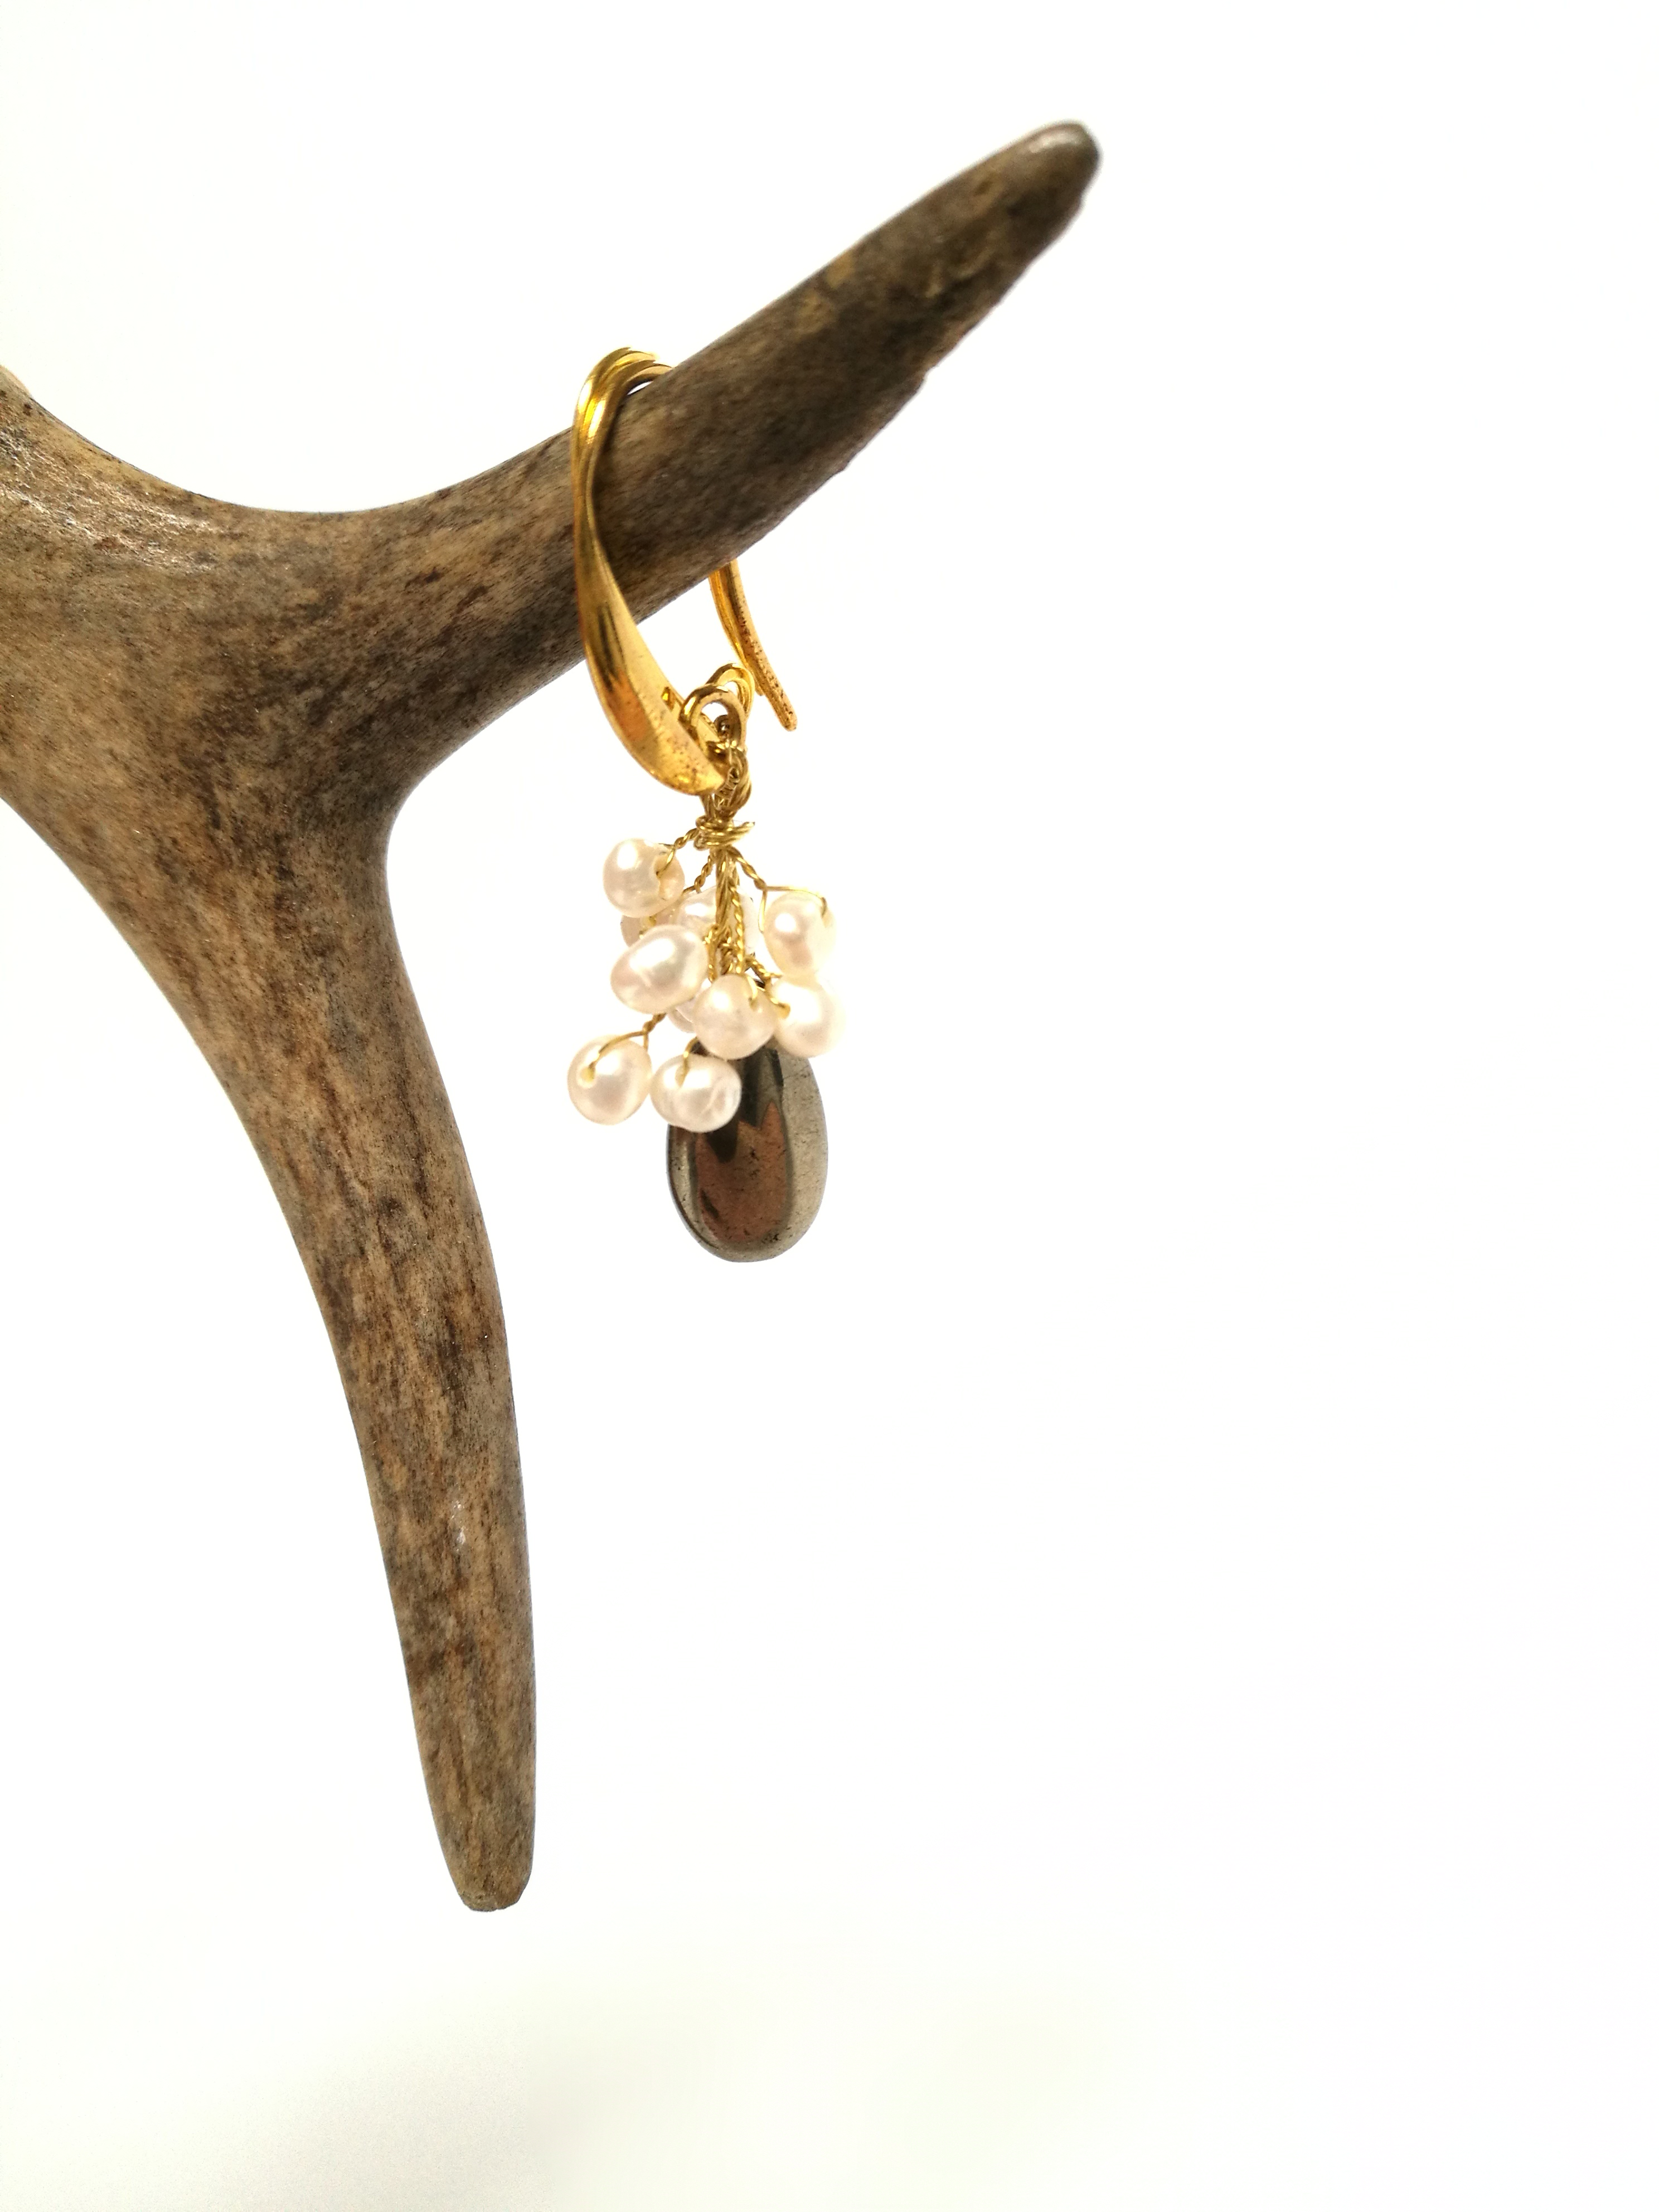 perła z pirytem na złoconym biglu